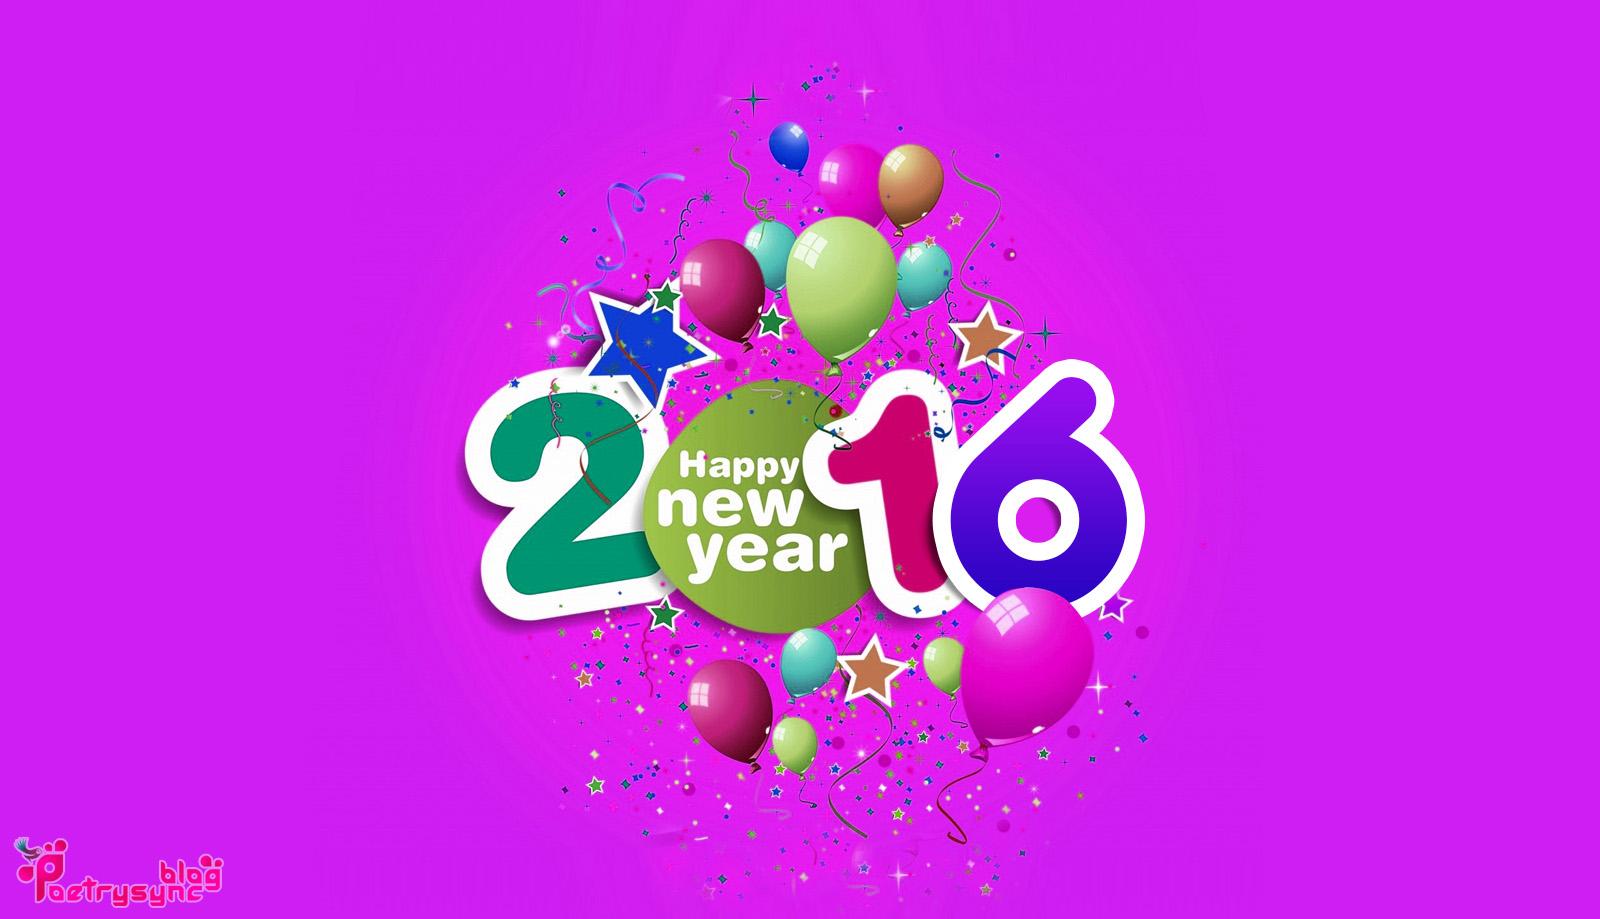 Happy New Year 2016 Desktop Wallpaper 1600x919